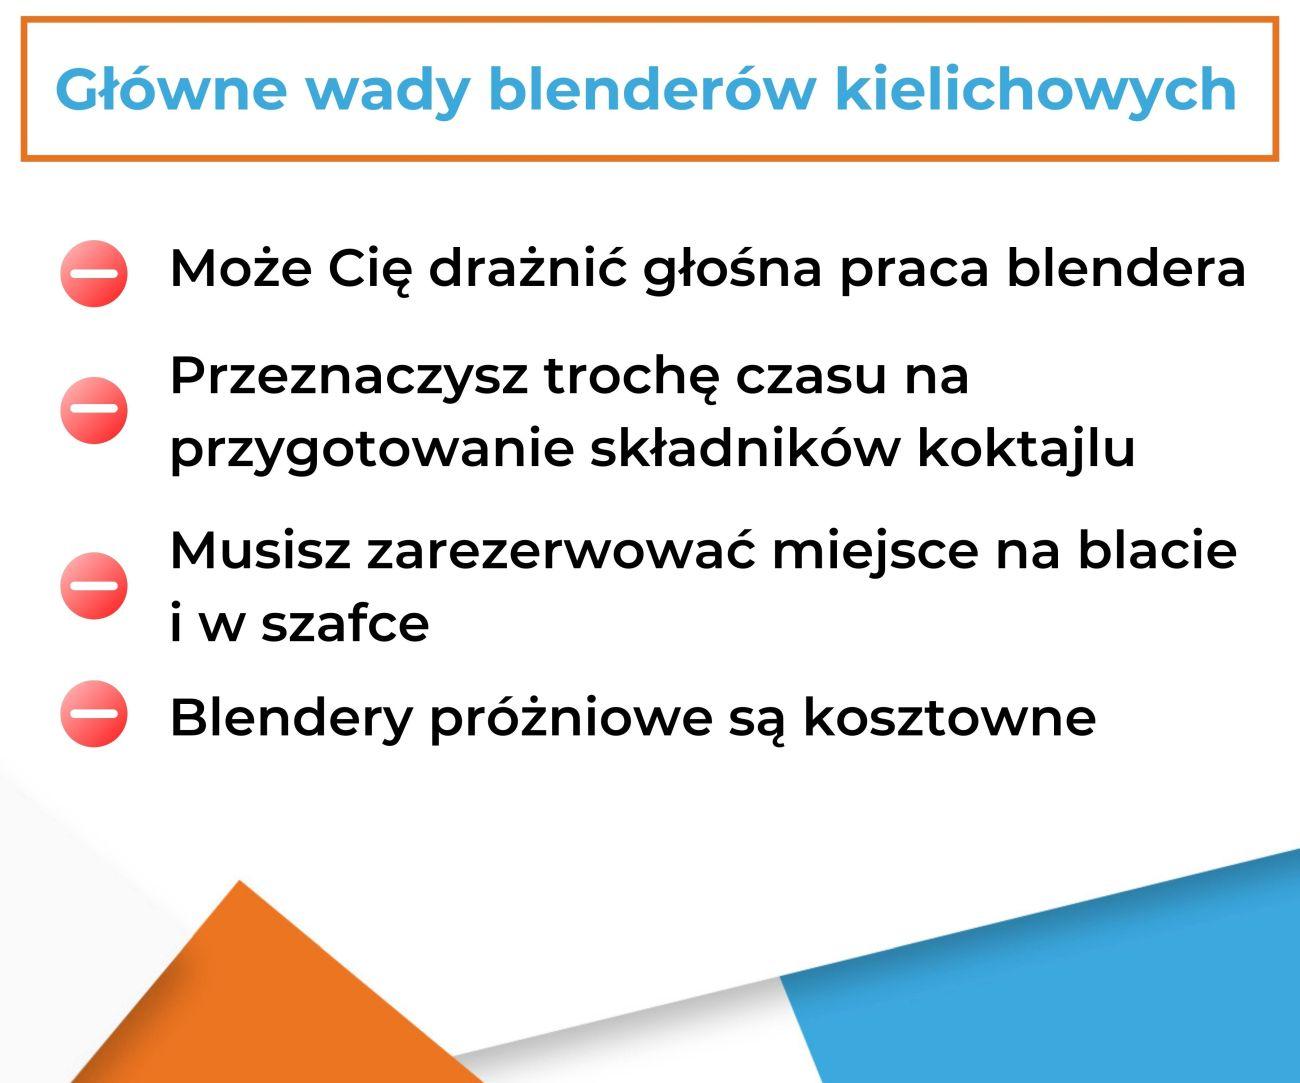 Główne wady blenderów kielichowych - Infografika